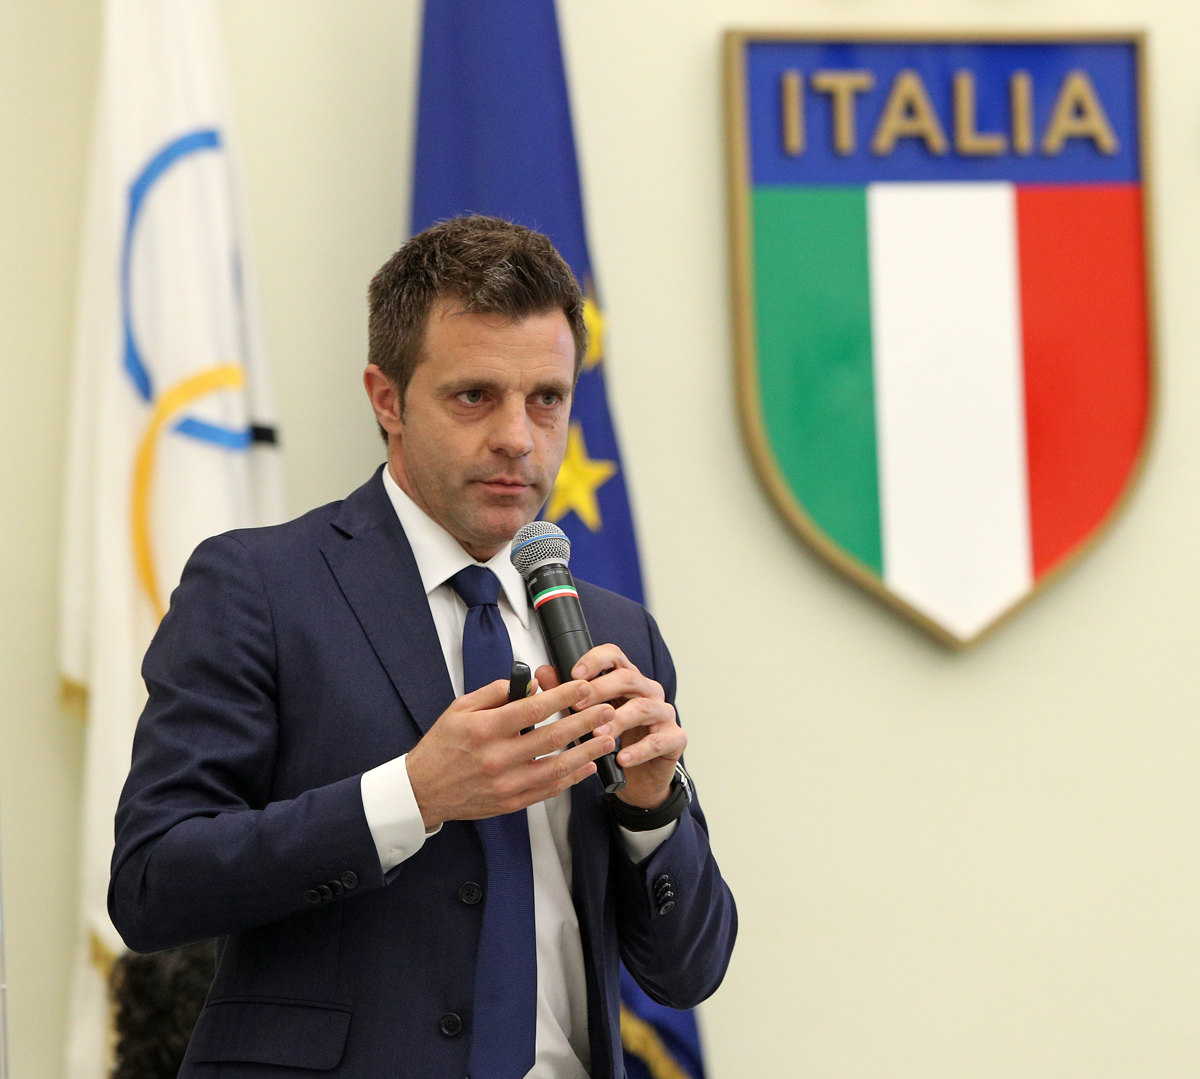 066 Incontro FIGC CAN Giocatori Allenatori Pagliaricci GMT